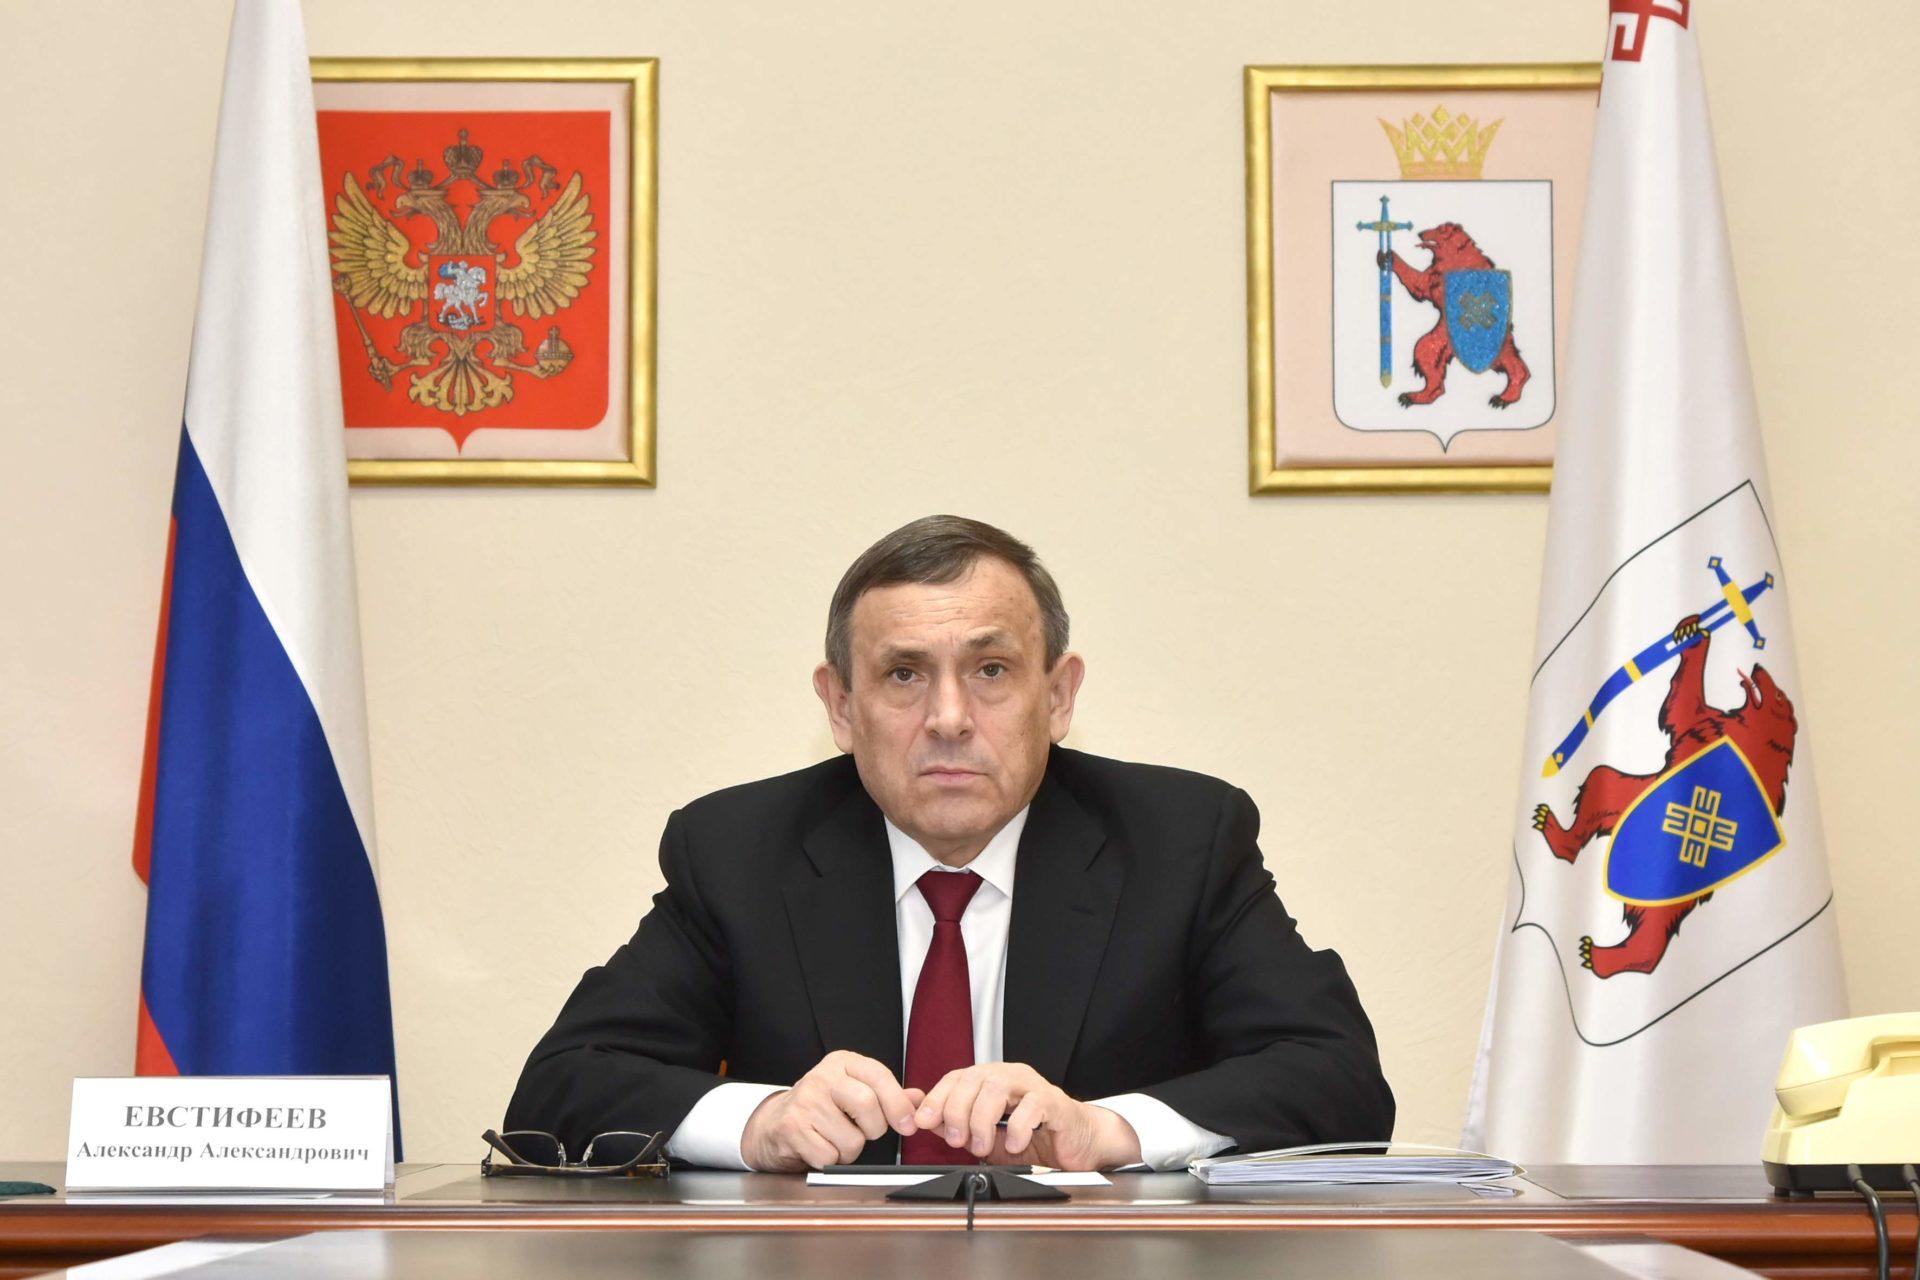 Прямая линия с главой Марий Эл Александром Евстифеевым состоится 10 сентября